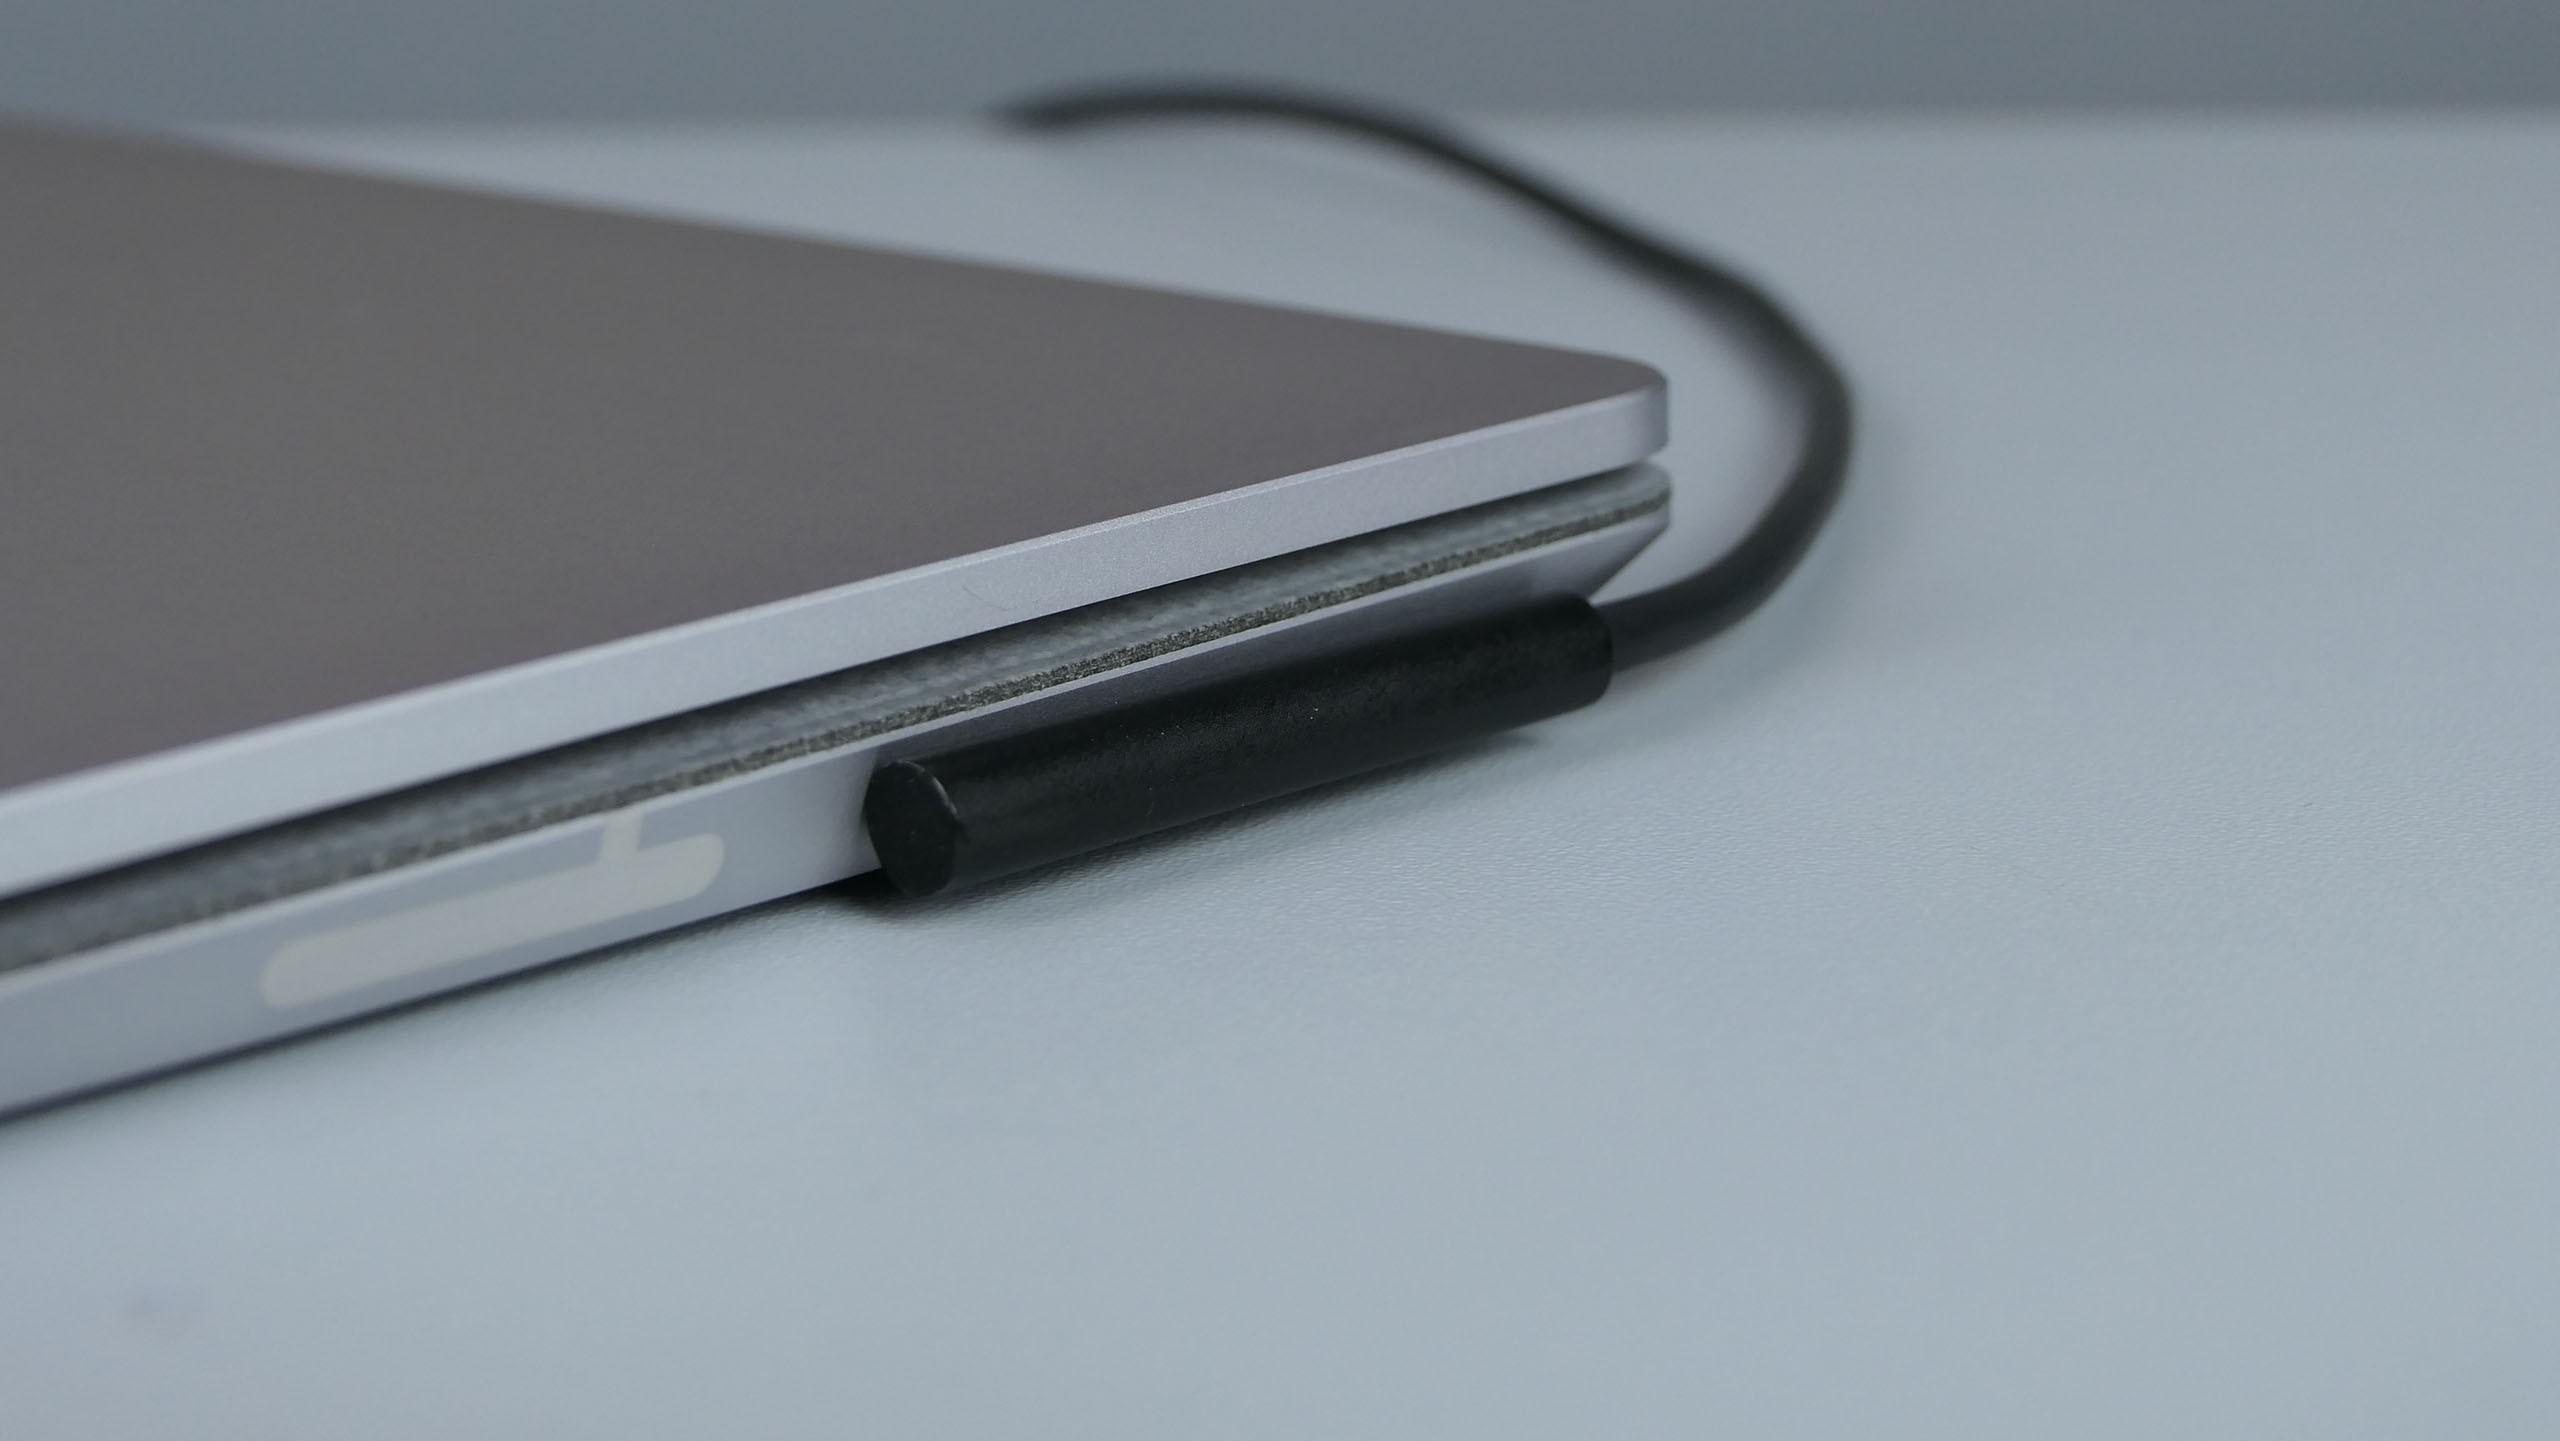 Microsoft Surface Laptop 2 - gniazdo Surface Connect z podpiętym zasilaczem